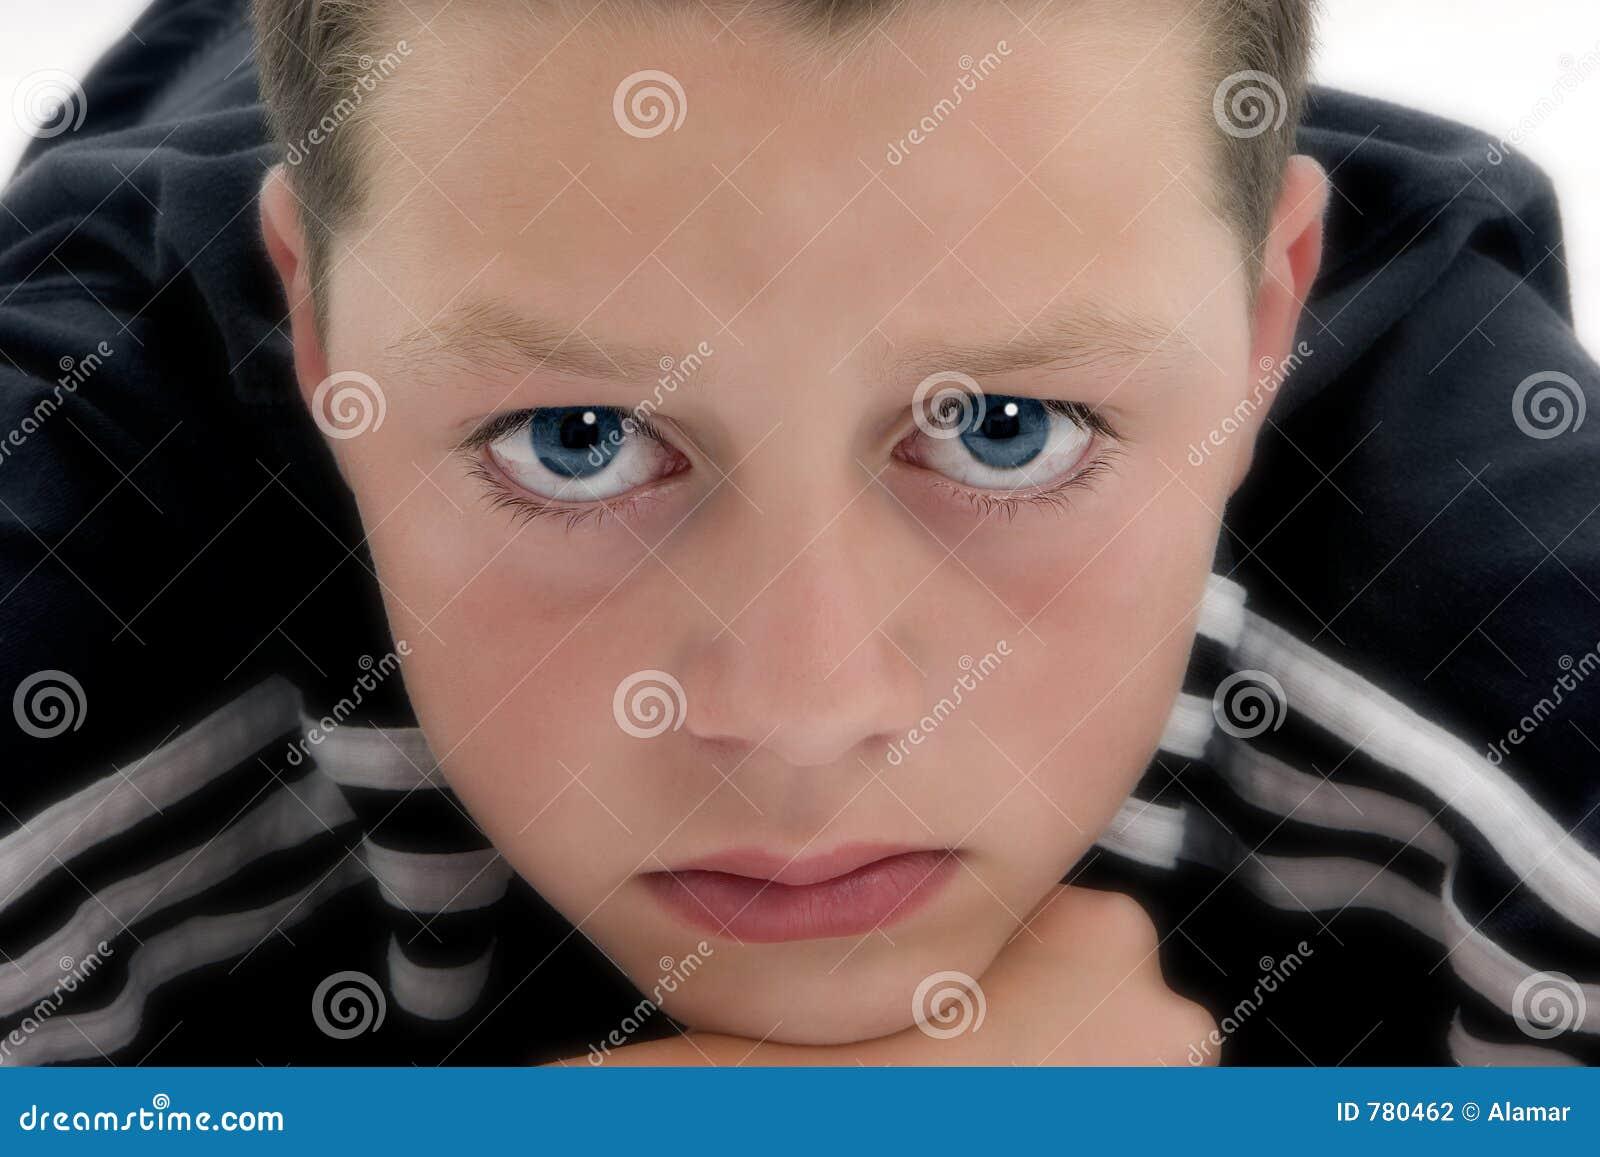 穿蓝衣的男孩被注视